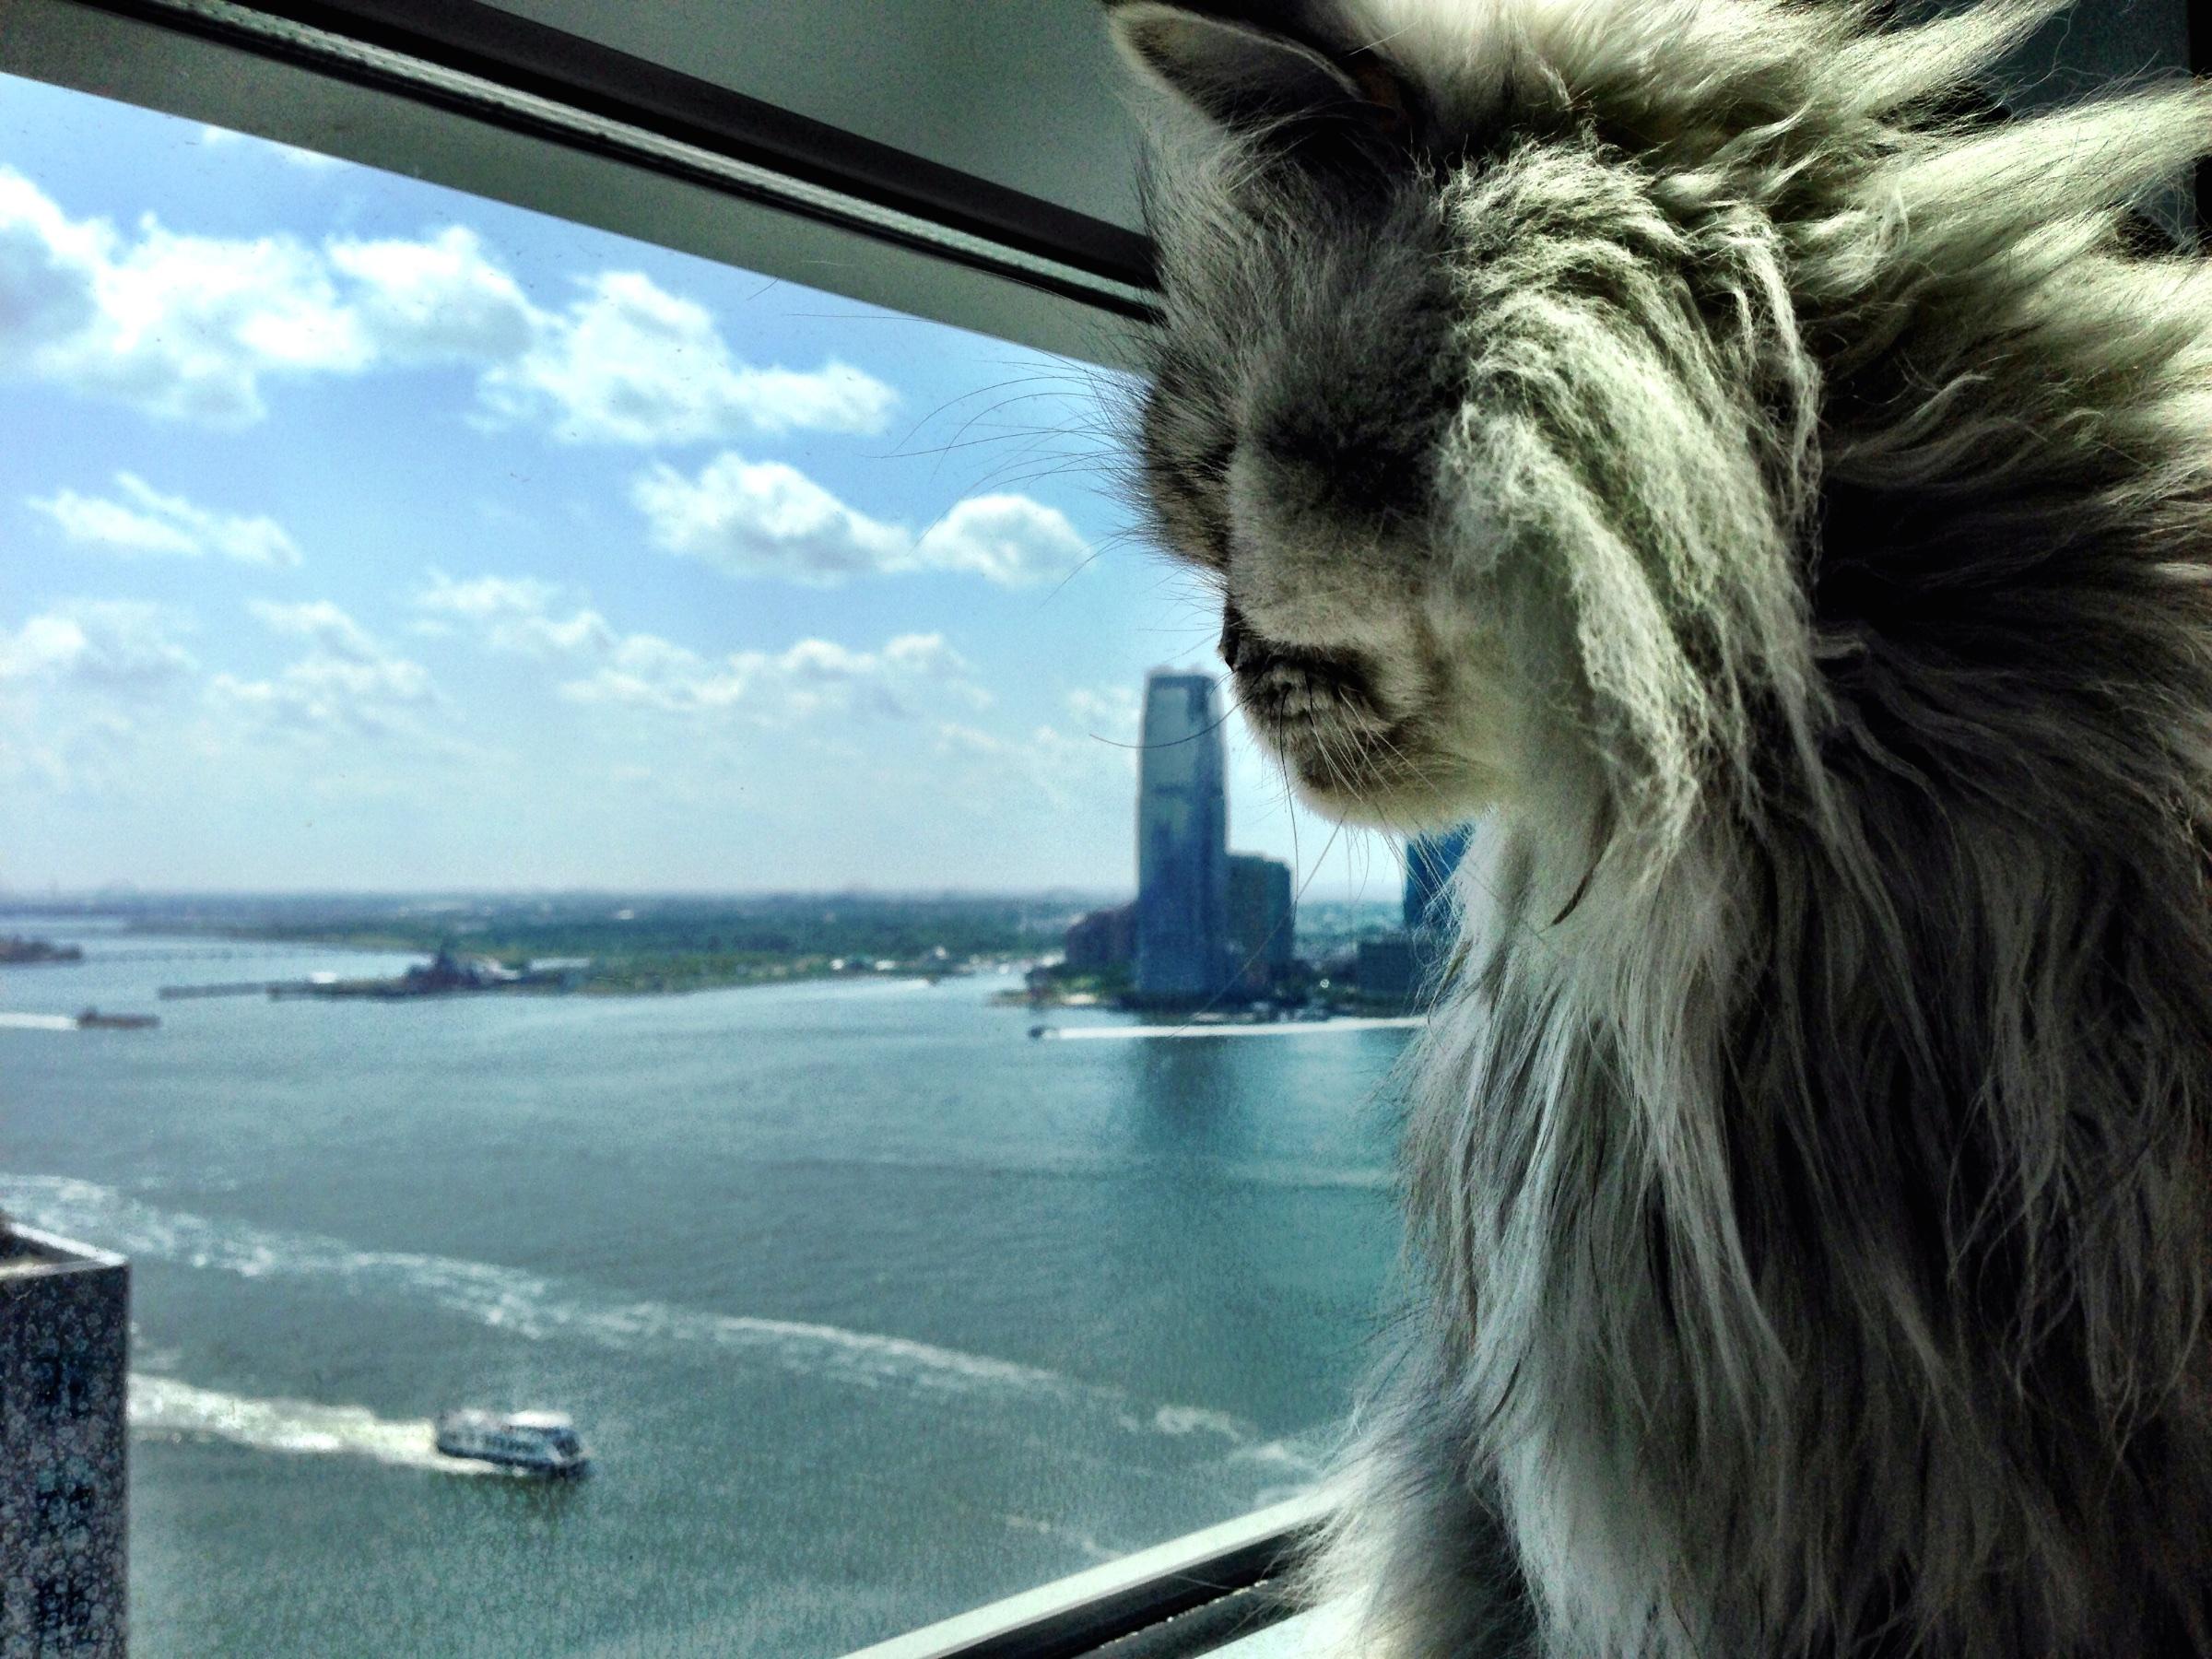 Unsere Katze Sheila beim Geniessen der Aussicht